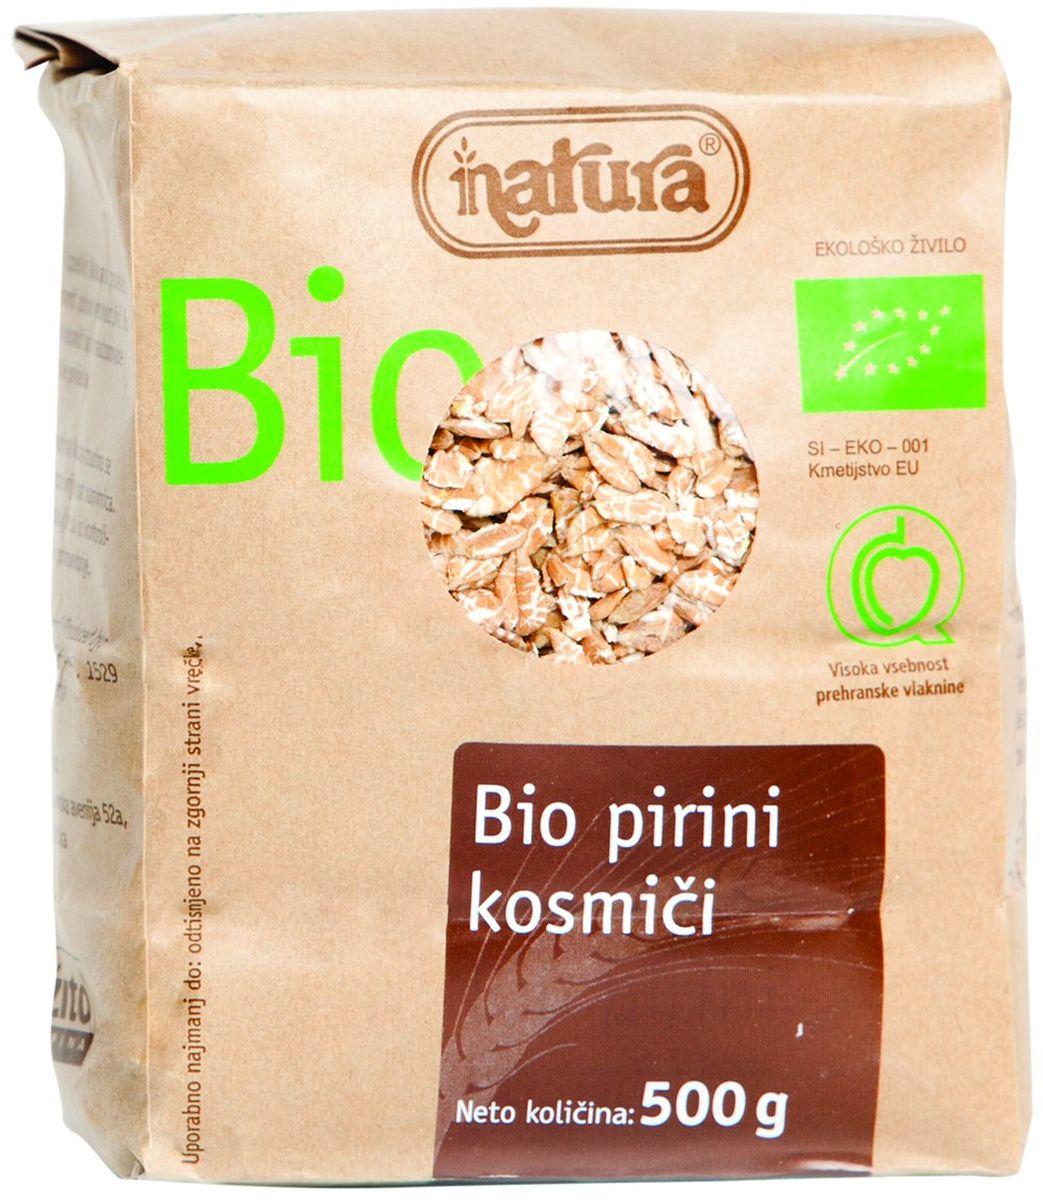 Zito Natura Bio Хлопья из спельты органические, 500 г3400203Компания Zito расширила свой продуктовый ряд хлопьями спельты, хорошо подходящими для экологической обработки. В частности, этот заново открытый злак соответствует всем параметрам идеального продукта благодаря типу и количеству основных содержащихся в нем веществ наряду с уровнем витаминов и минералов.Органические продукты Natura имеют маркировку в соответствии с законодательством и европейскую экологическую маркировку сертифицированных органических продуктов питания, так как при их производстве не используются удобрения и распылители, запрещенные в органическом производстве и обработке. Органические продукты произведены под контролем SI – EKO – 001.Органические продукты Natura производятся в регионах, где природа пока еще живет своей жизнью. Они попадают на полки магазинов и на столы людей, выбирающих здоровое питание, в той же форме, в которой их создала природа: натуральными, питательными и здоровыми. Разнообразные натуральные зерна и семена обладают всеми свойствами злаков, полностью сохраняя, таким образом, свои полезные качества.